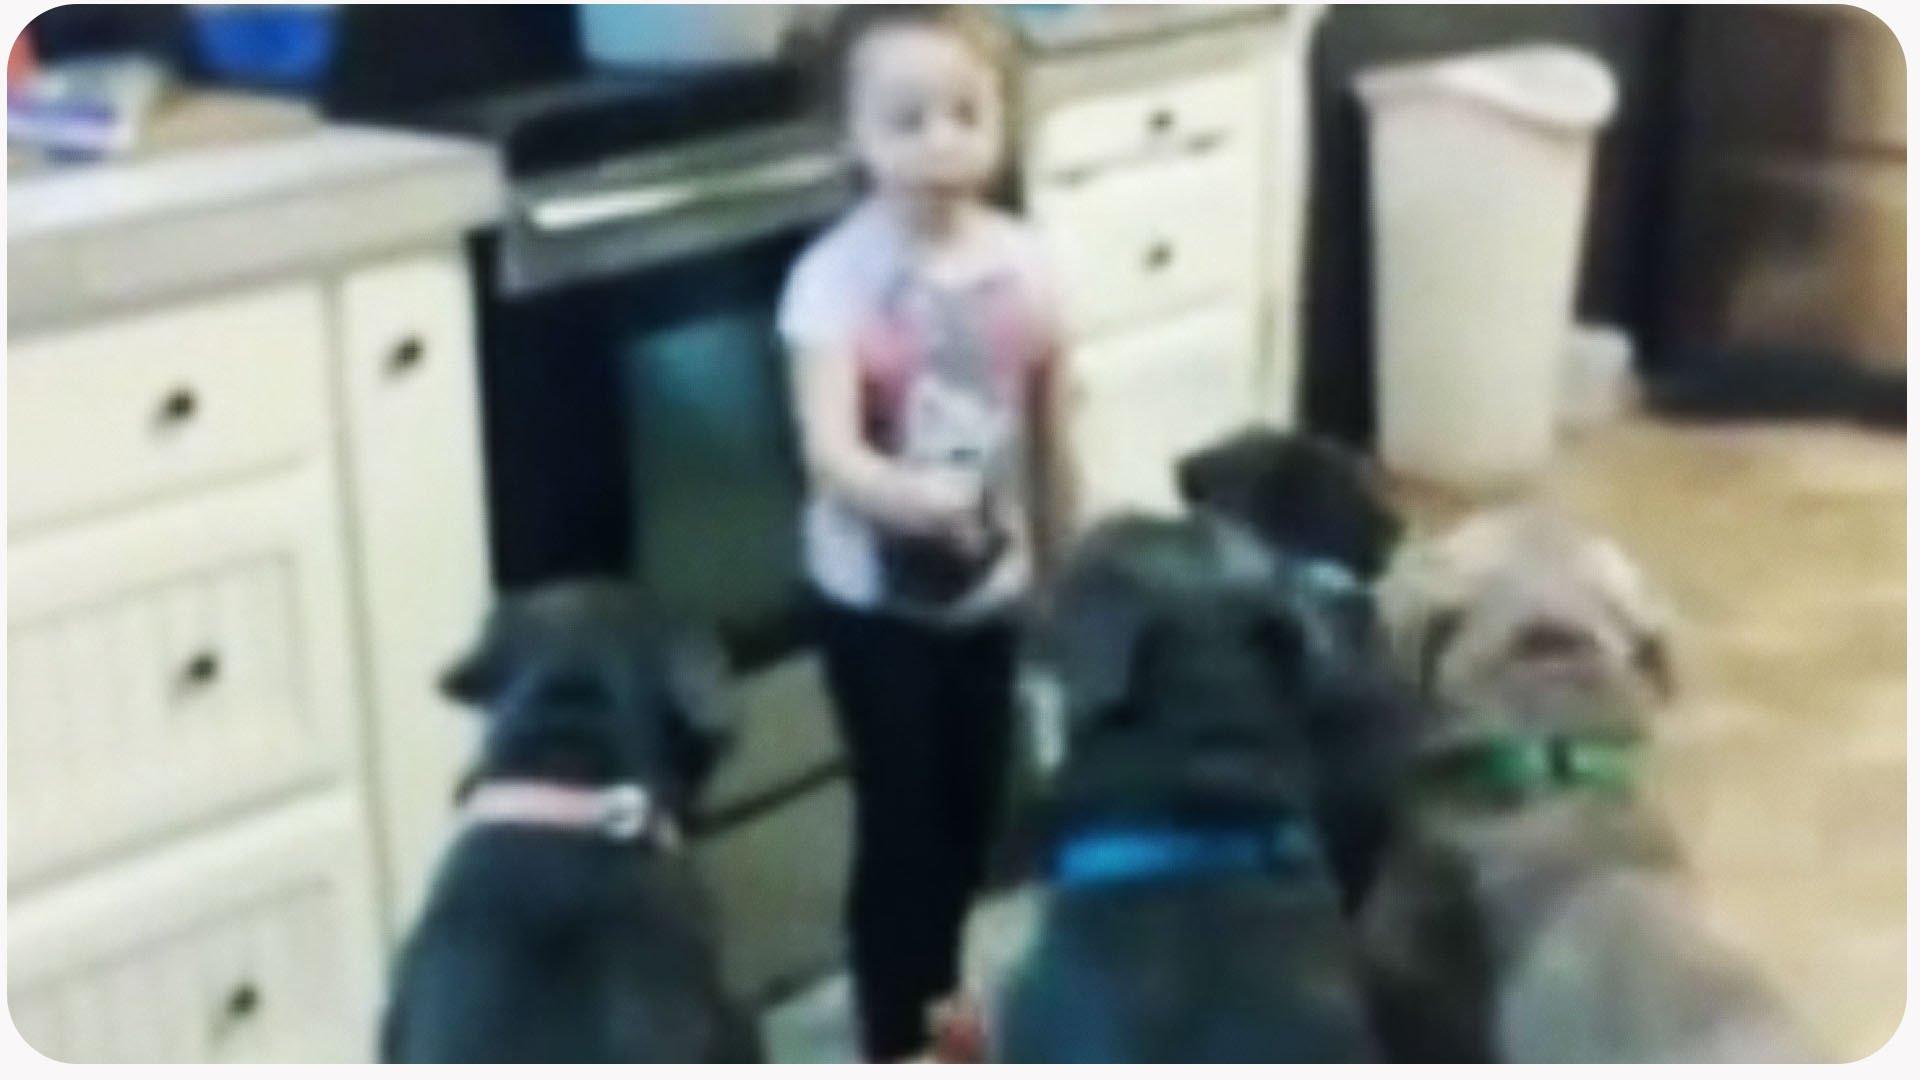 Μικρό κορίτσι περικυκλωμένο από 6 πίτμπουλ. Η συνέχεια θα σας καταπλήξει…(Video)